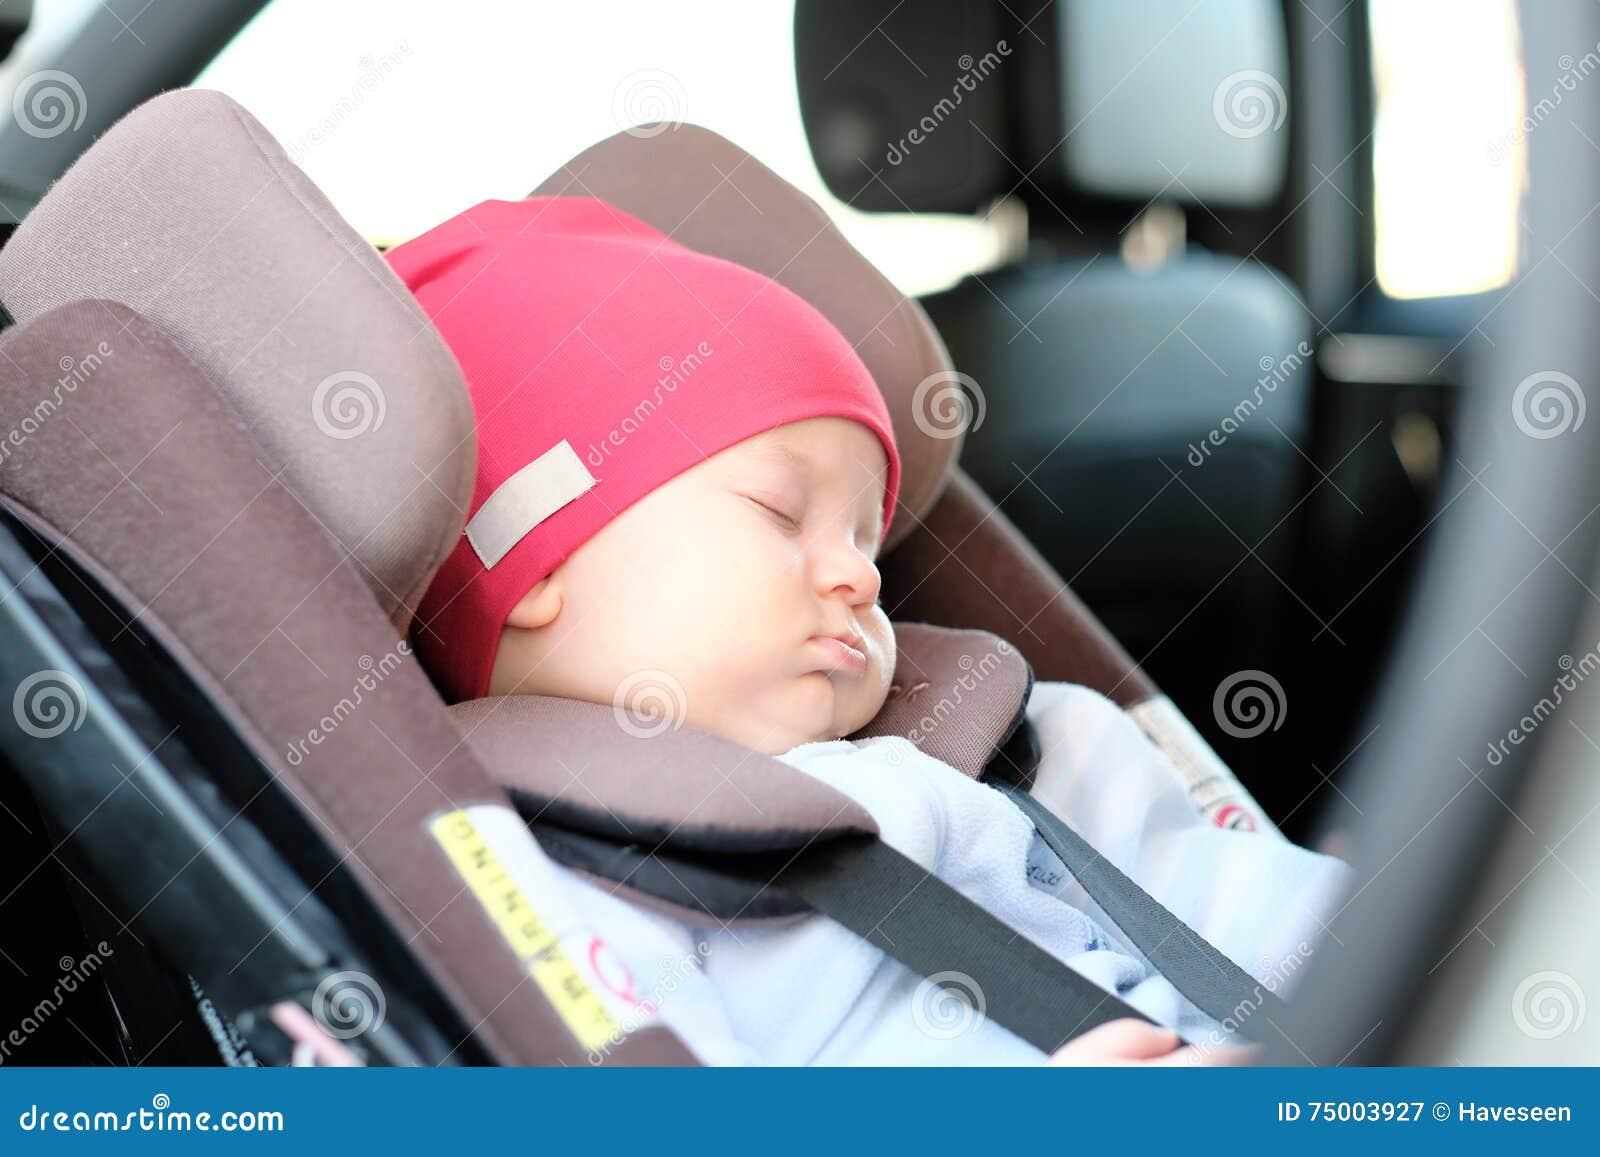 微型汽车位子休眠